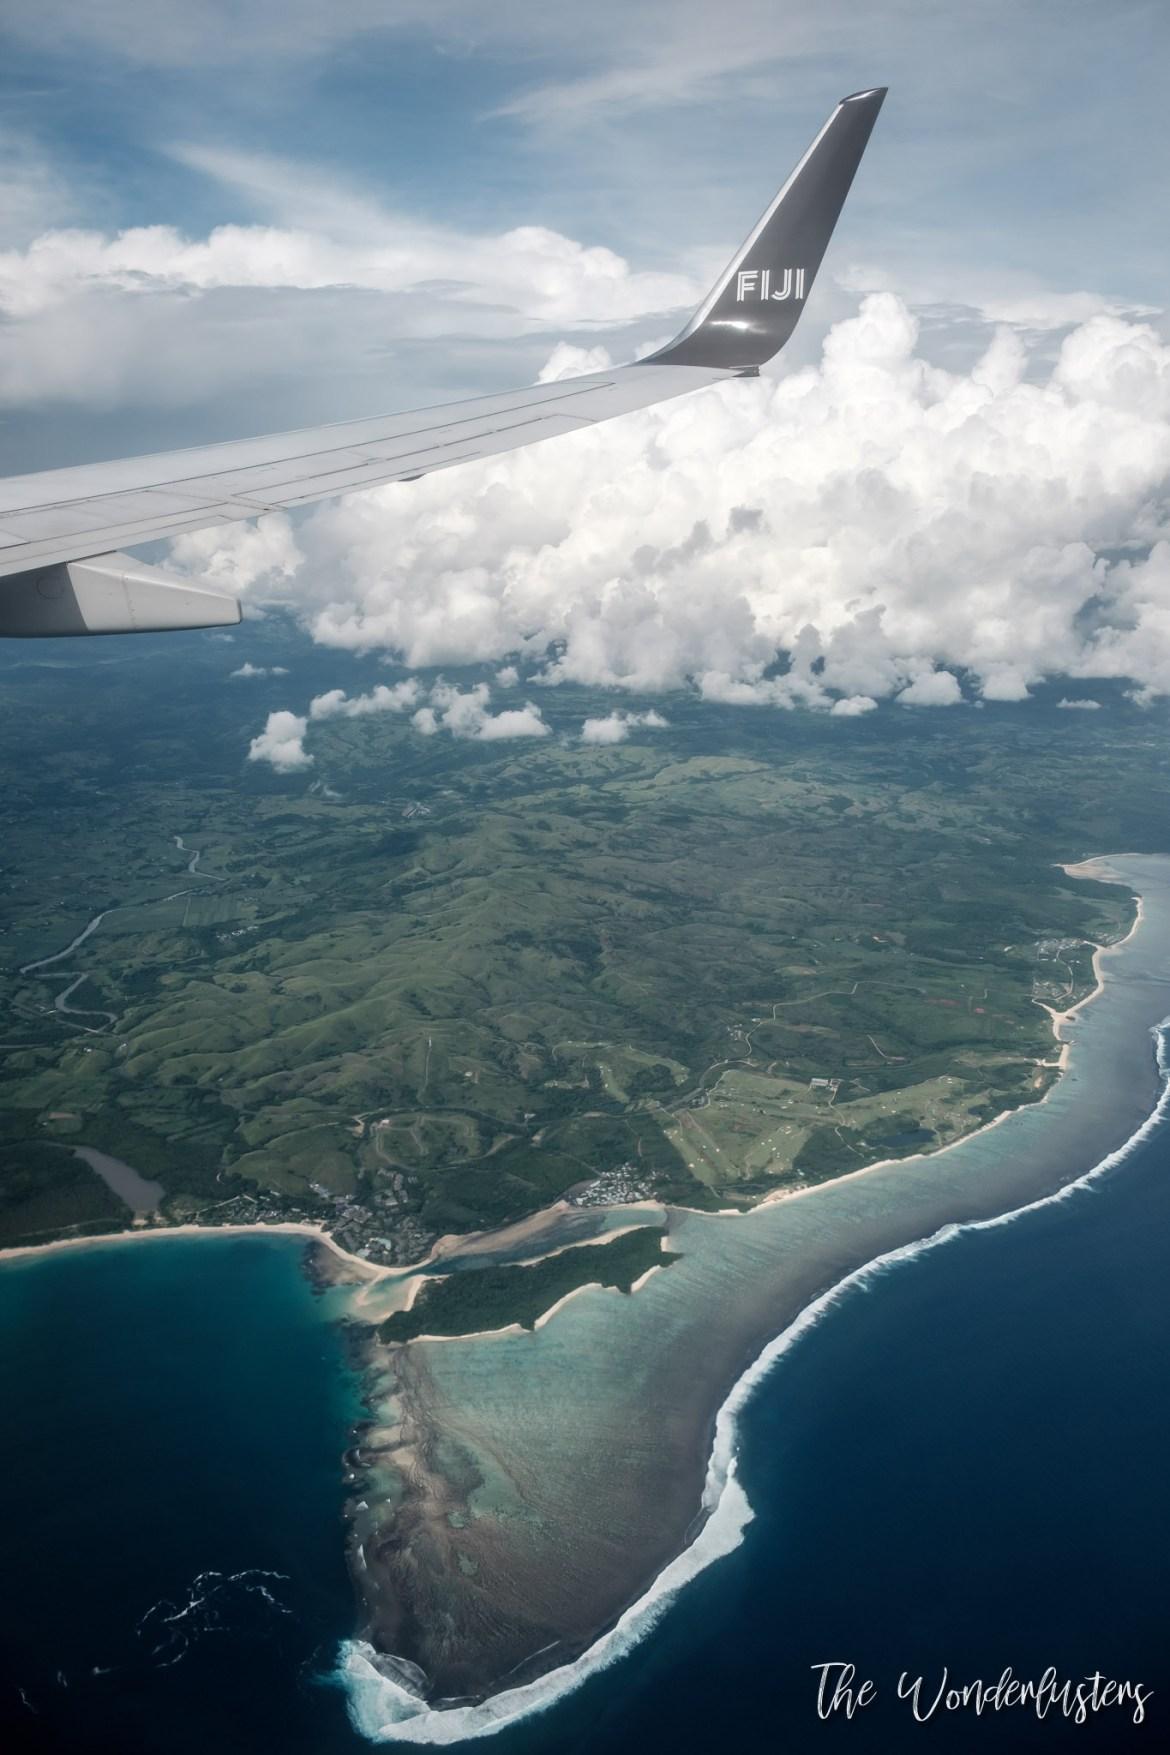 Flying over Fiji